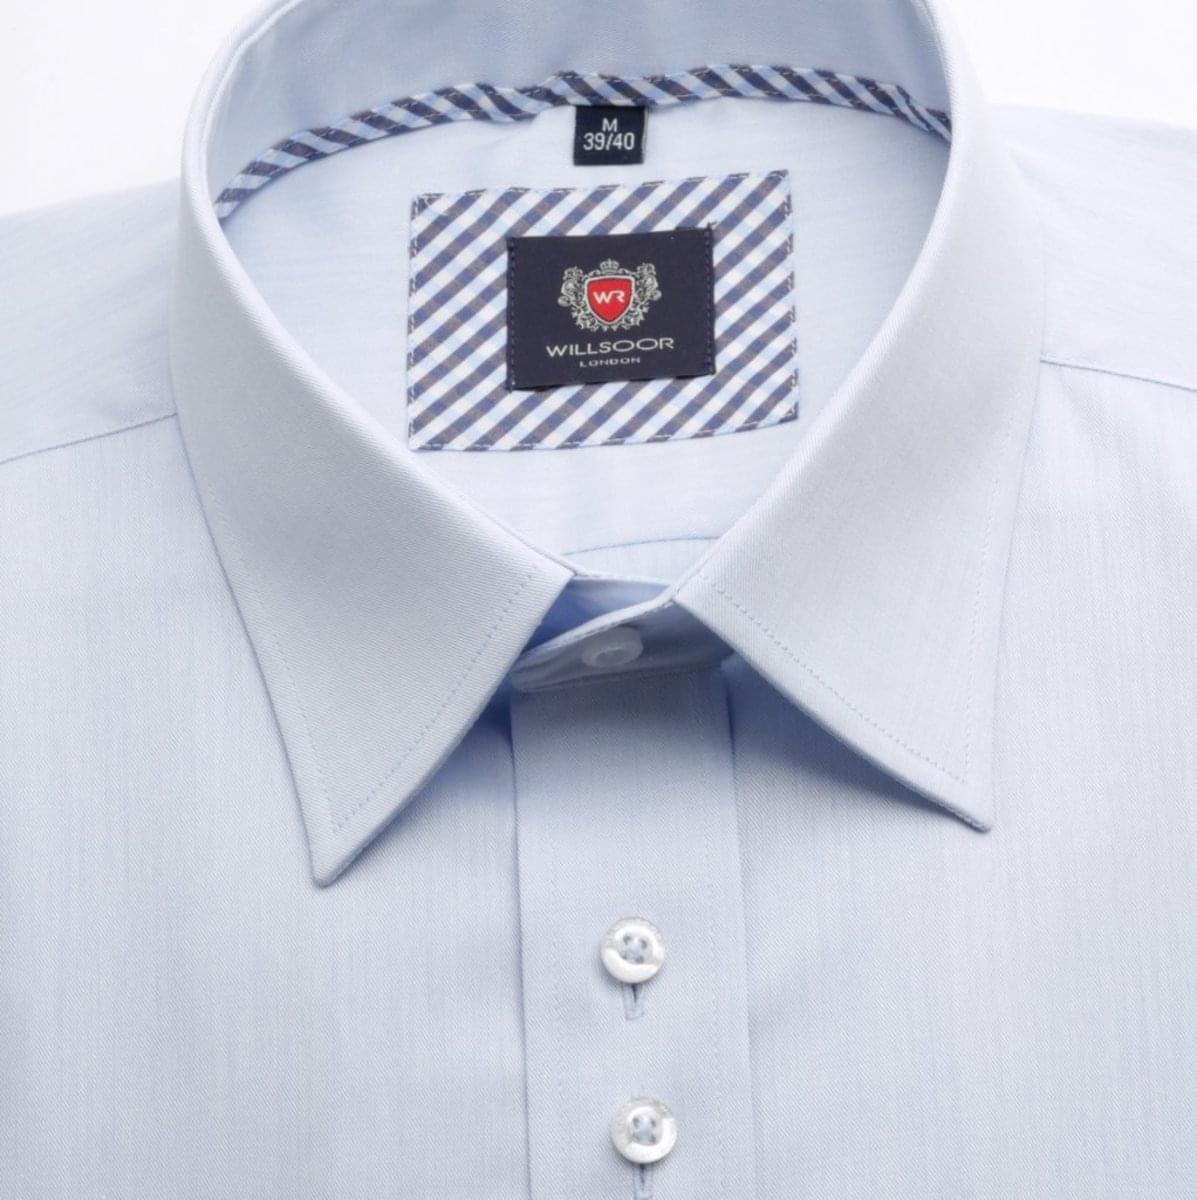 Košile WR London (výška 198-205) 4200 198-204 / XL (Límeček 43/44) 176-182 / XL (43/44)